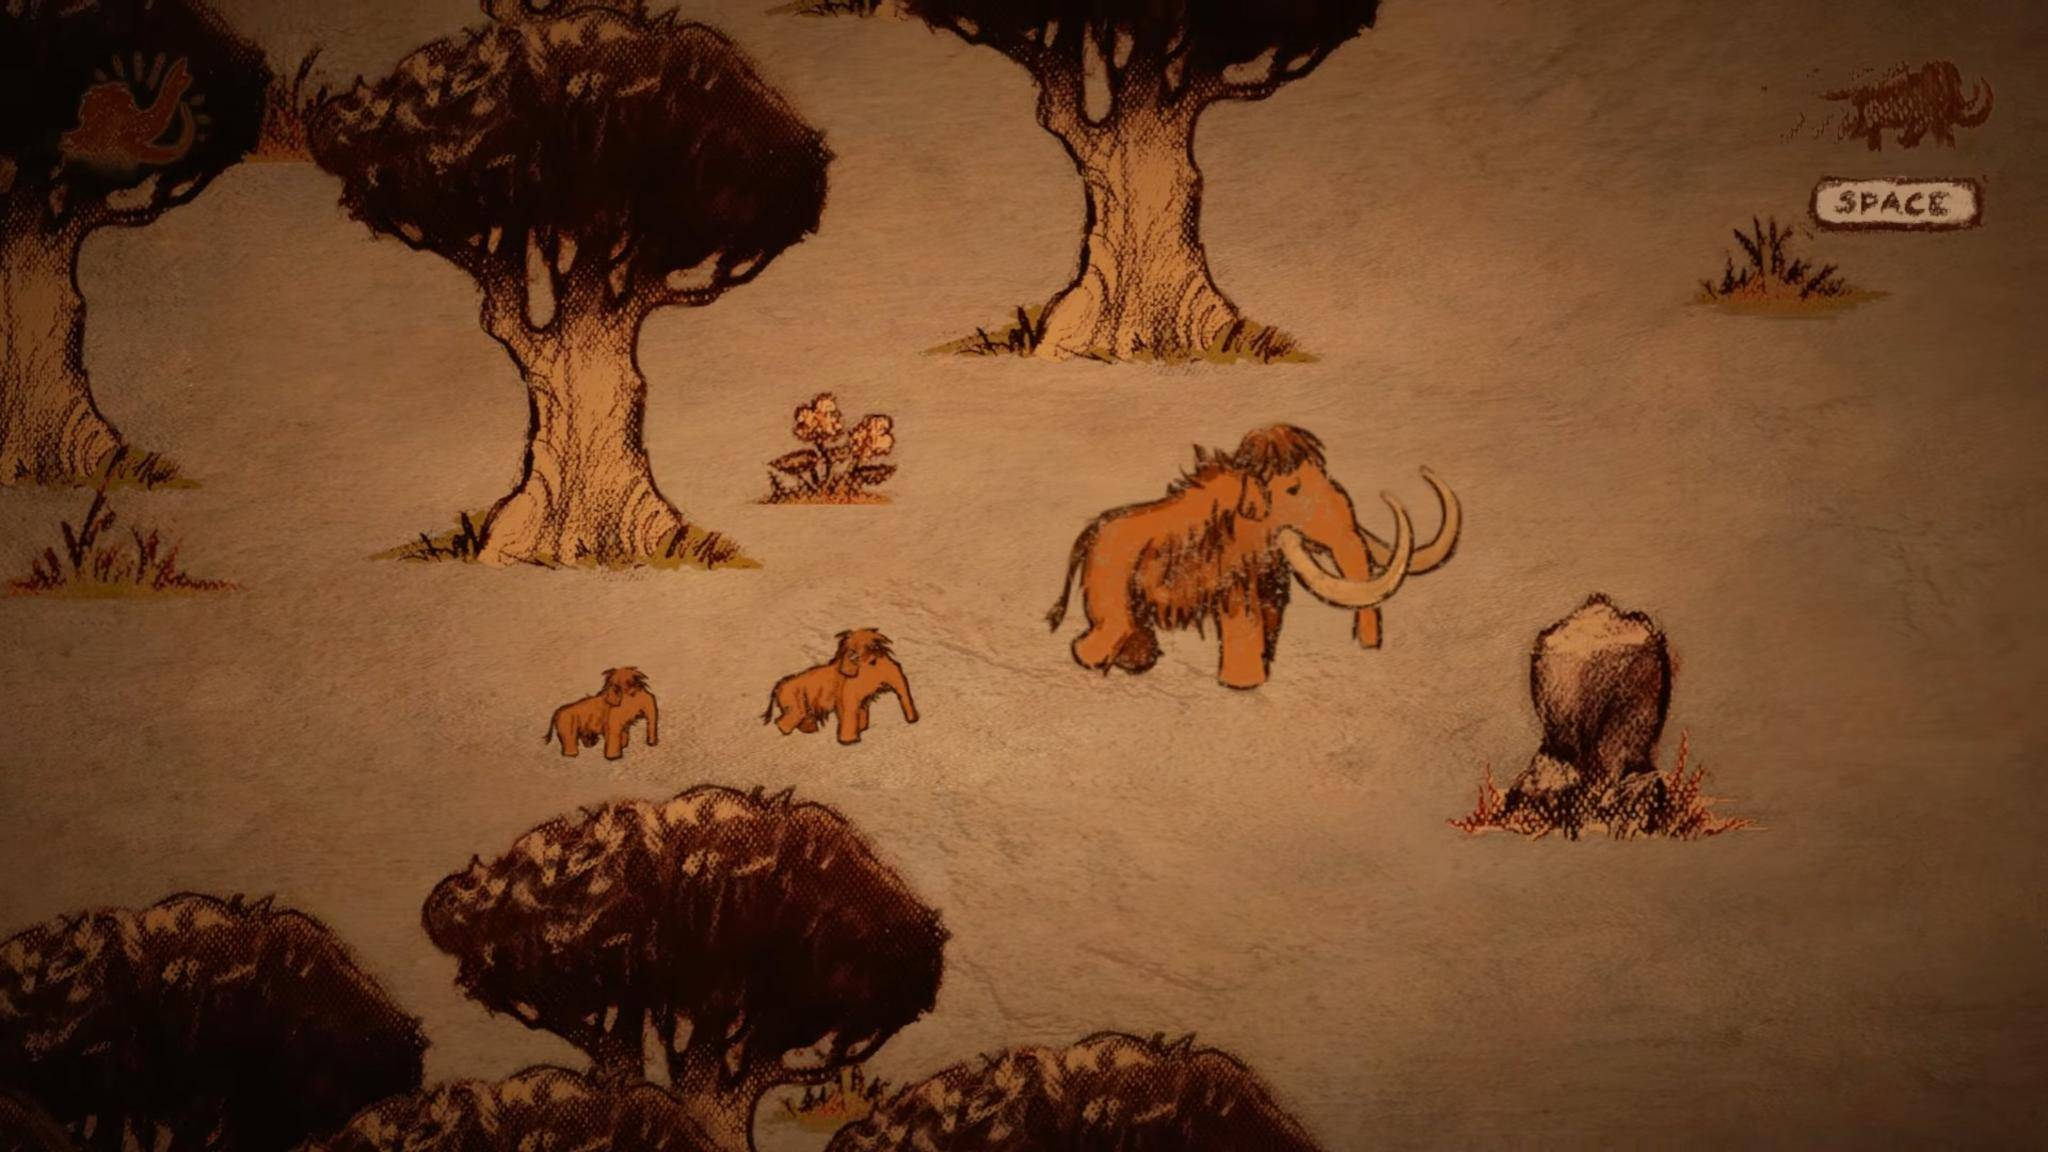 """Alte Kunststile wie die Höhlenmalerei in """"The Mammoth: A Cave Painting"""" könnten Dich zu neuen Wagnissen inspirieren."""